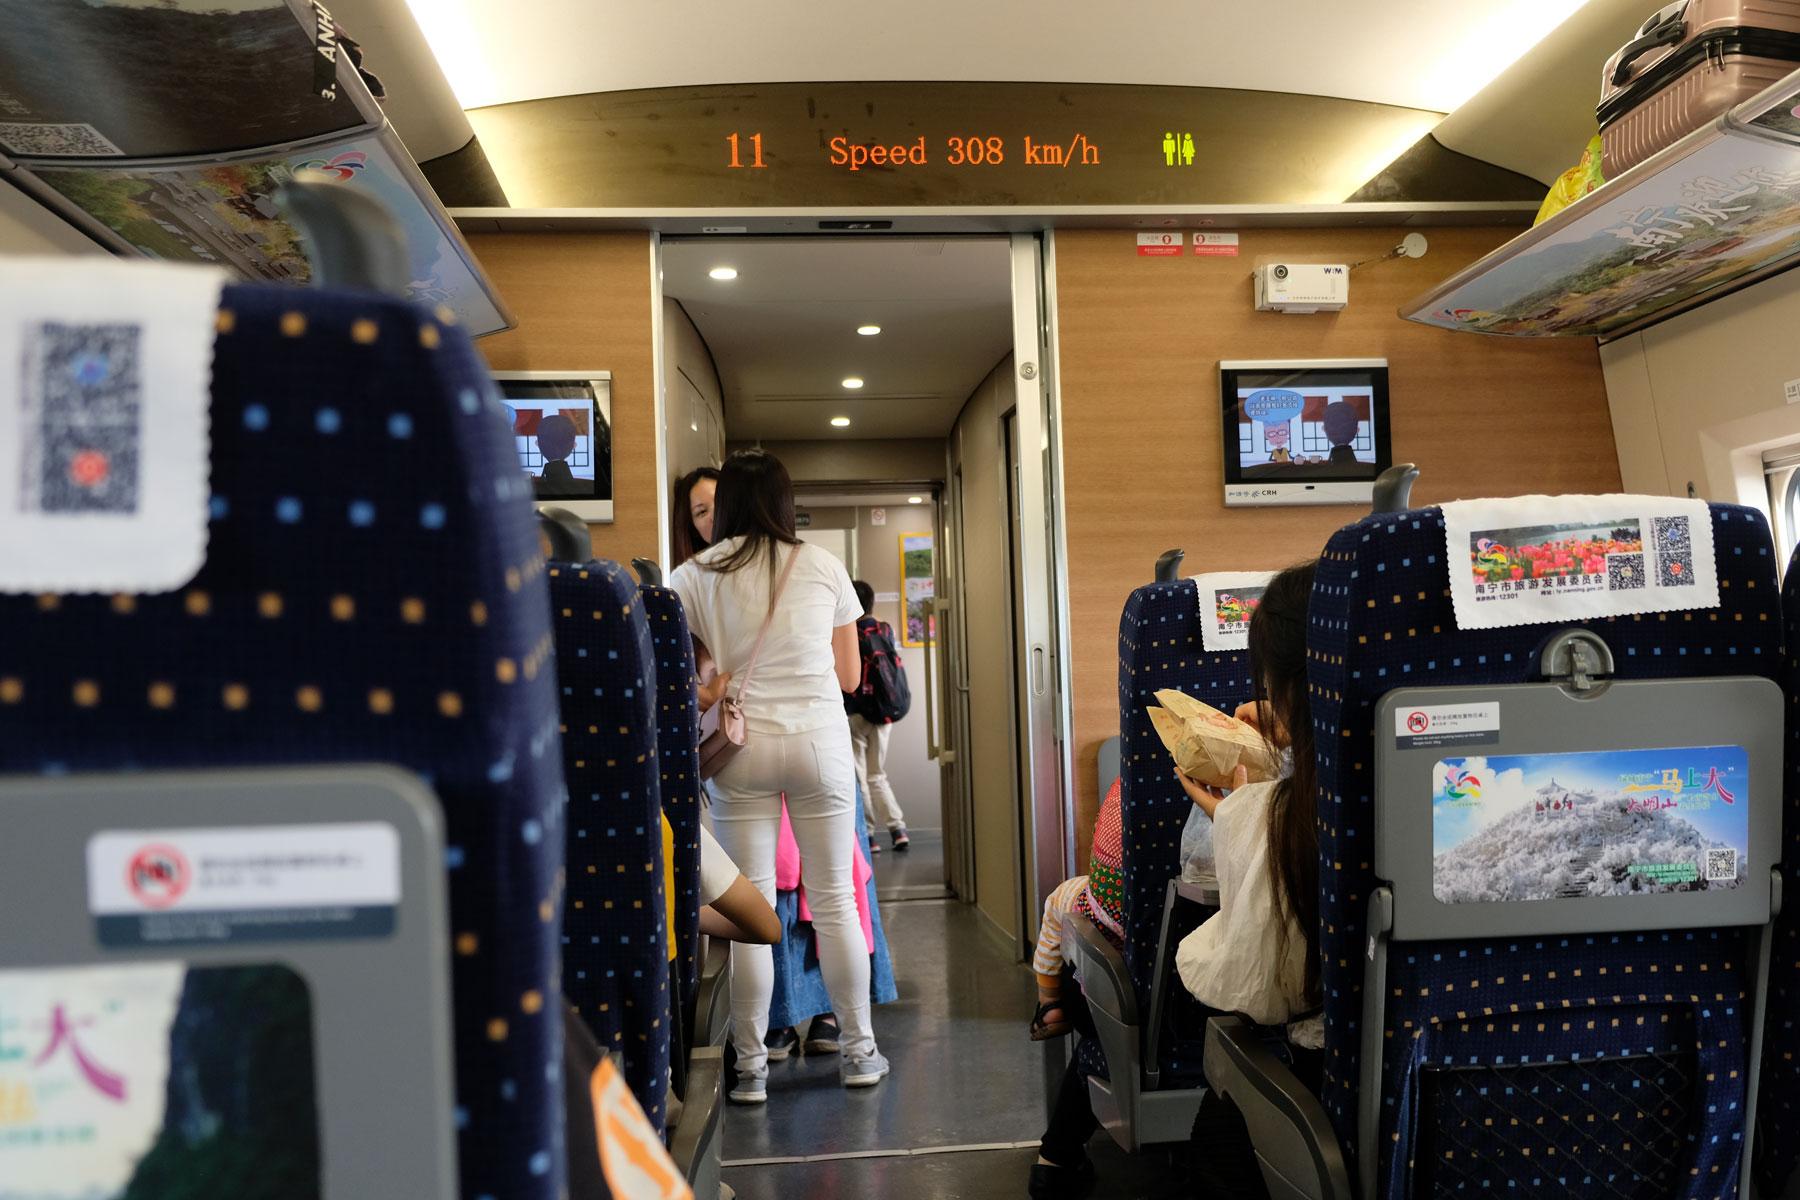 Zwei Frauen stehen im Gang des Schnellzugs, der trotz 308 km/h erschütterungsfrei durch den Osten Chinas fliegt.